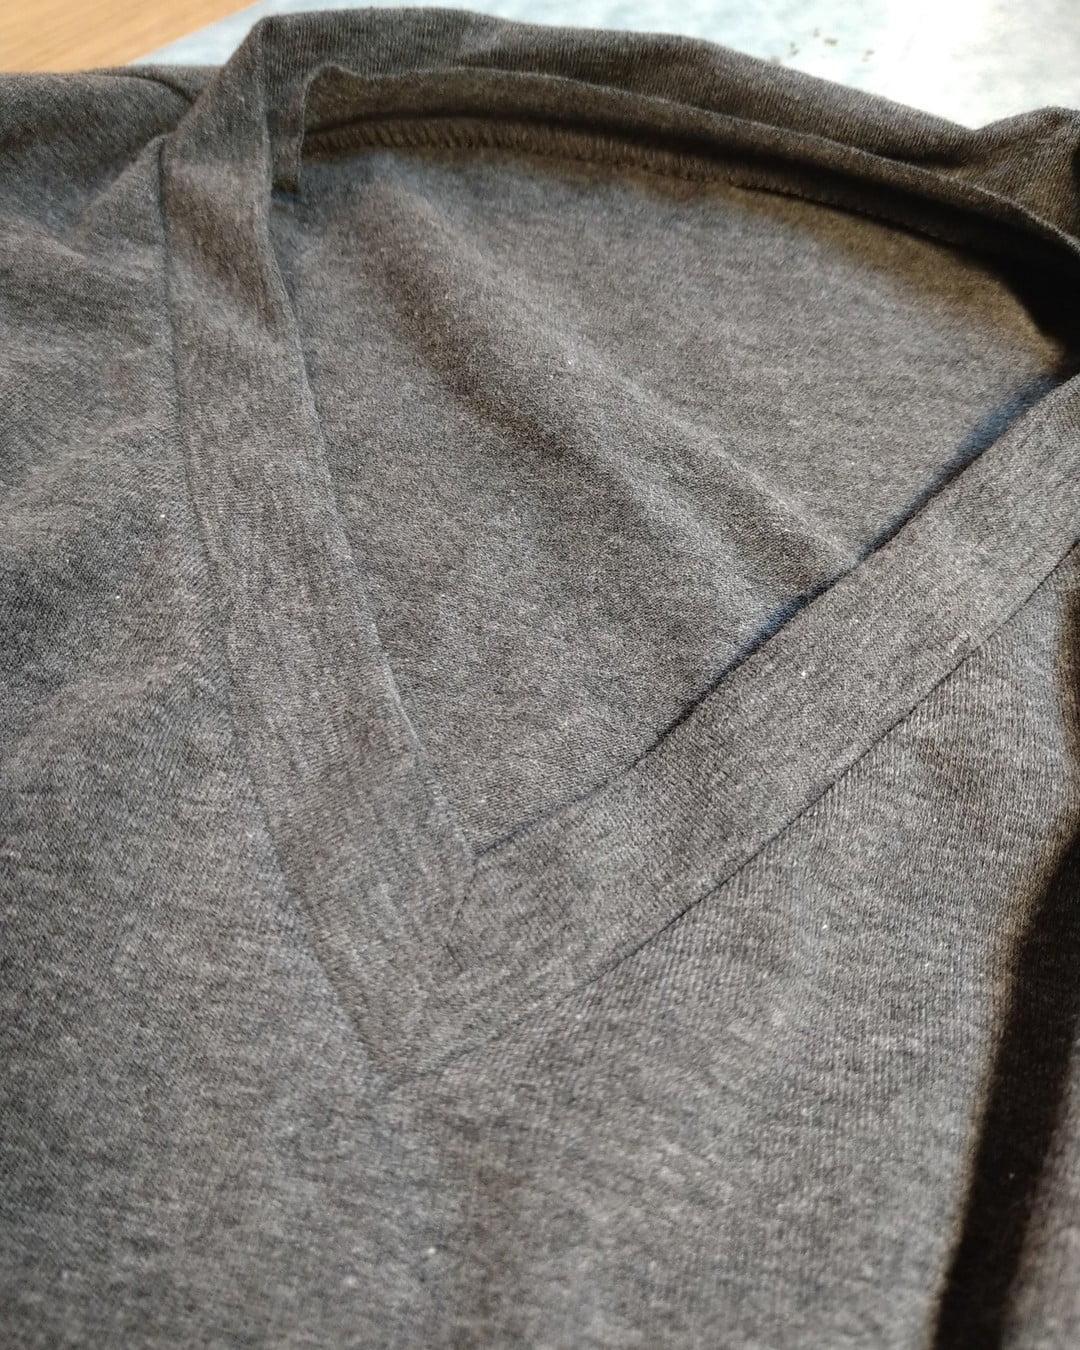 En t-shirt krage kan även den ha olika mått och krav av sin bärare. Det perfekta t-shirt snittet och valet av organiska certifierade trikå tyger. Design och kvalitet från grannlandet Finland. Låter det som en bra idé? Naturligtvis hantverk då du kan påverka slutresultatet. En prototyp skapas och mönster dokumenteras. Sedan när du vill beställa sätter vi igång en mindre produktion. Det går bra att variera material för varje t-shirt. Låter det spännande? Visste du att du har så här nära till att kunna förverkliga din signatur i klädesplagg och design? Allt är möjligt och bästa av allt. Närproducerat, ekologiskt och socialt mycket roligare.